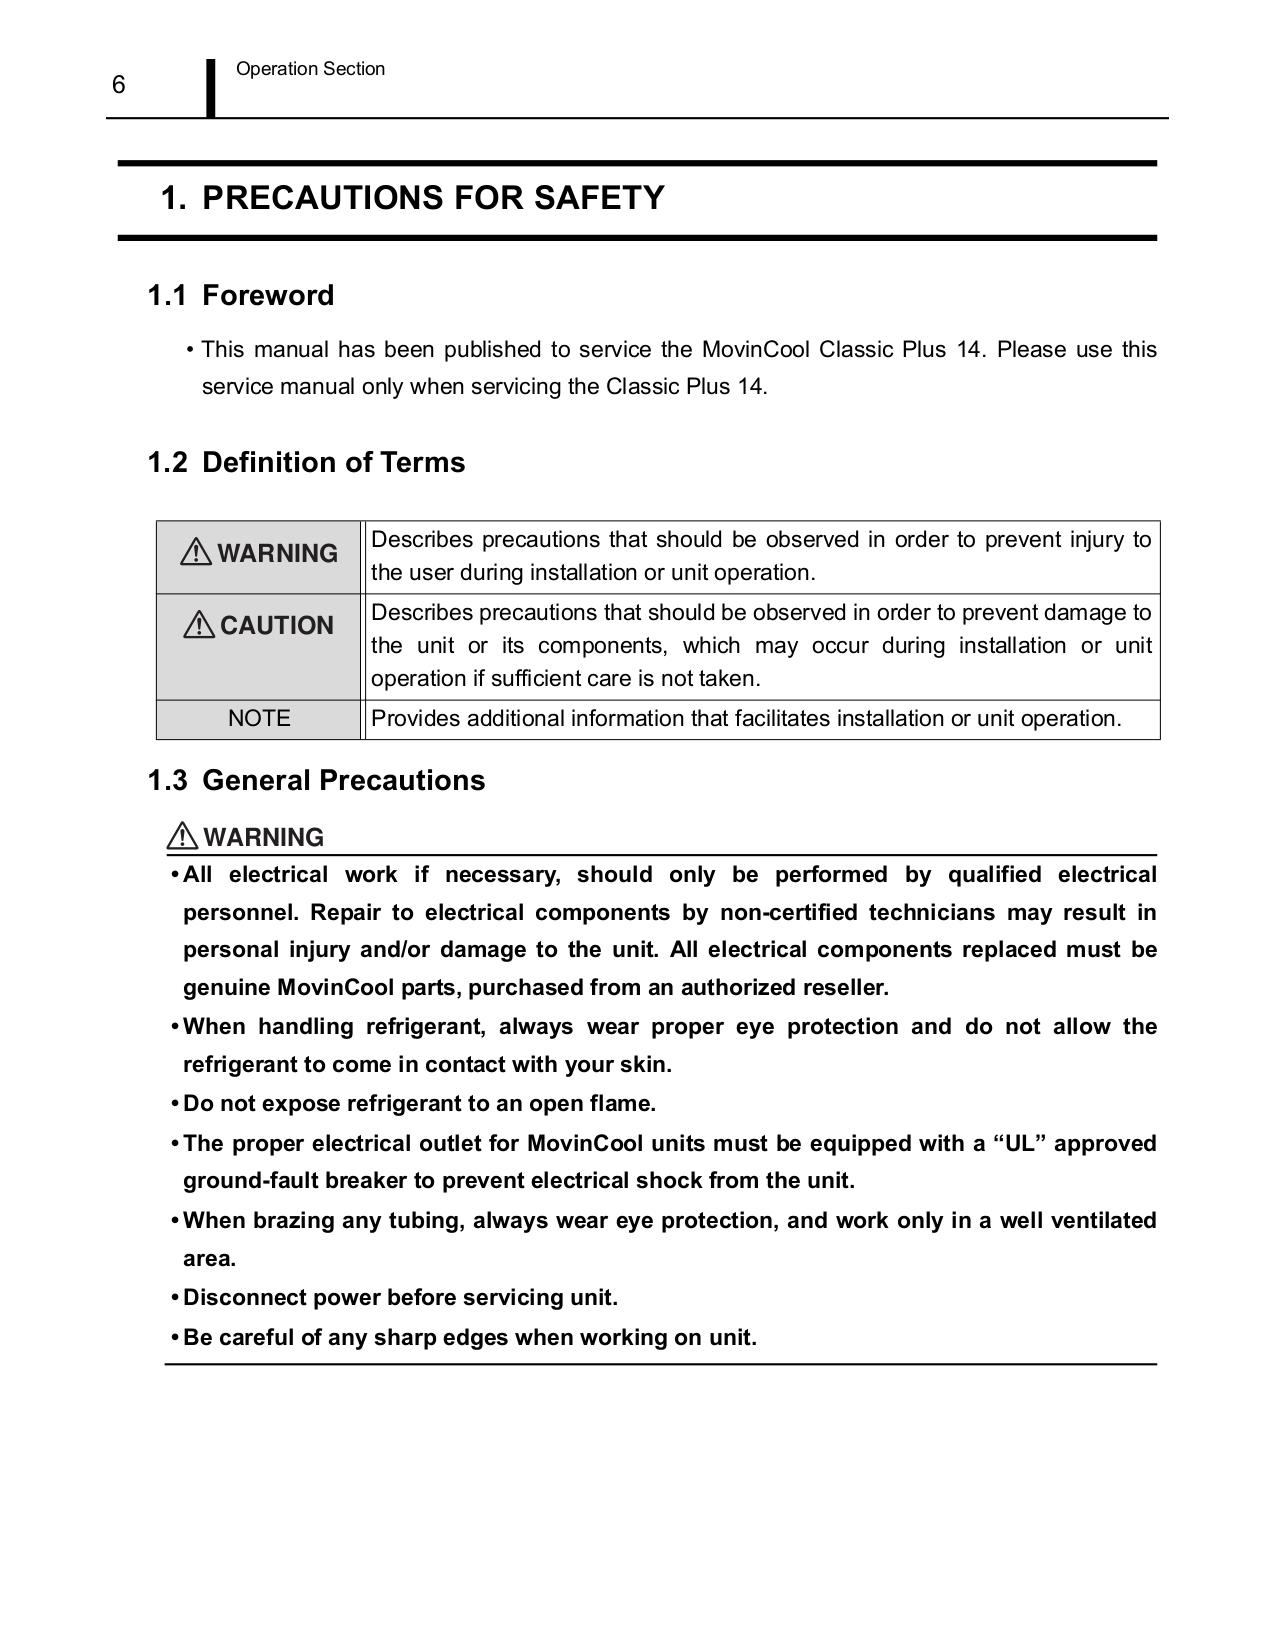 PDF manual for Movincool Air Conditioner Classic Plus 14